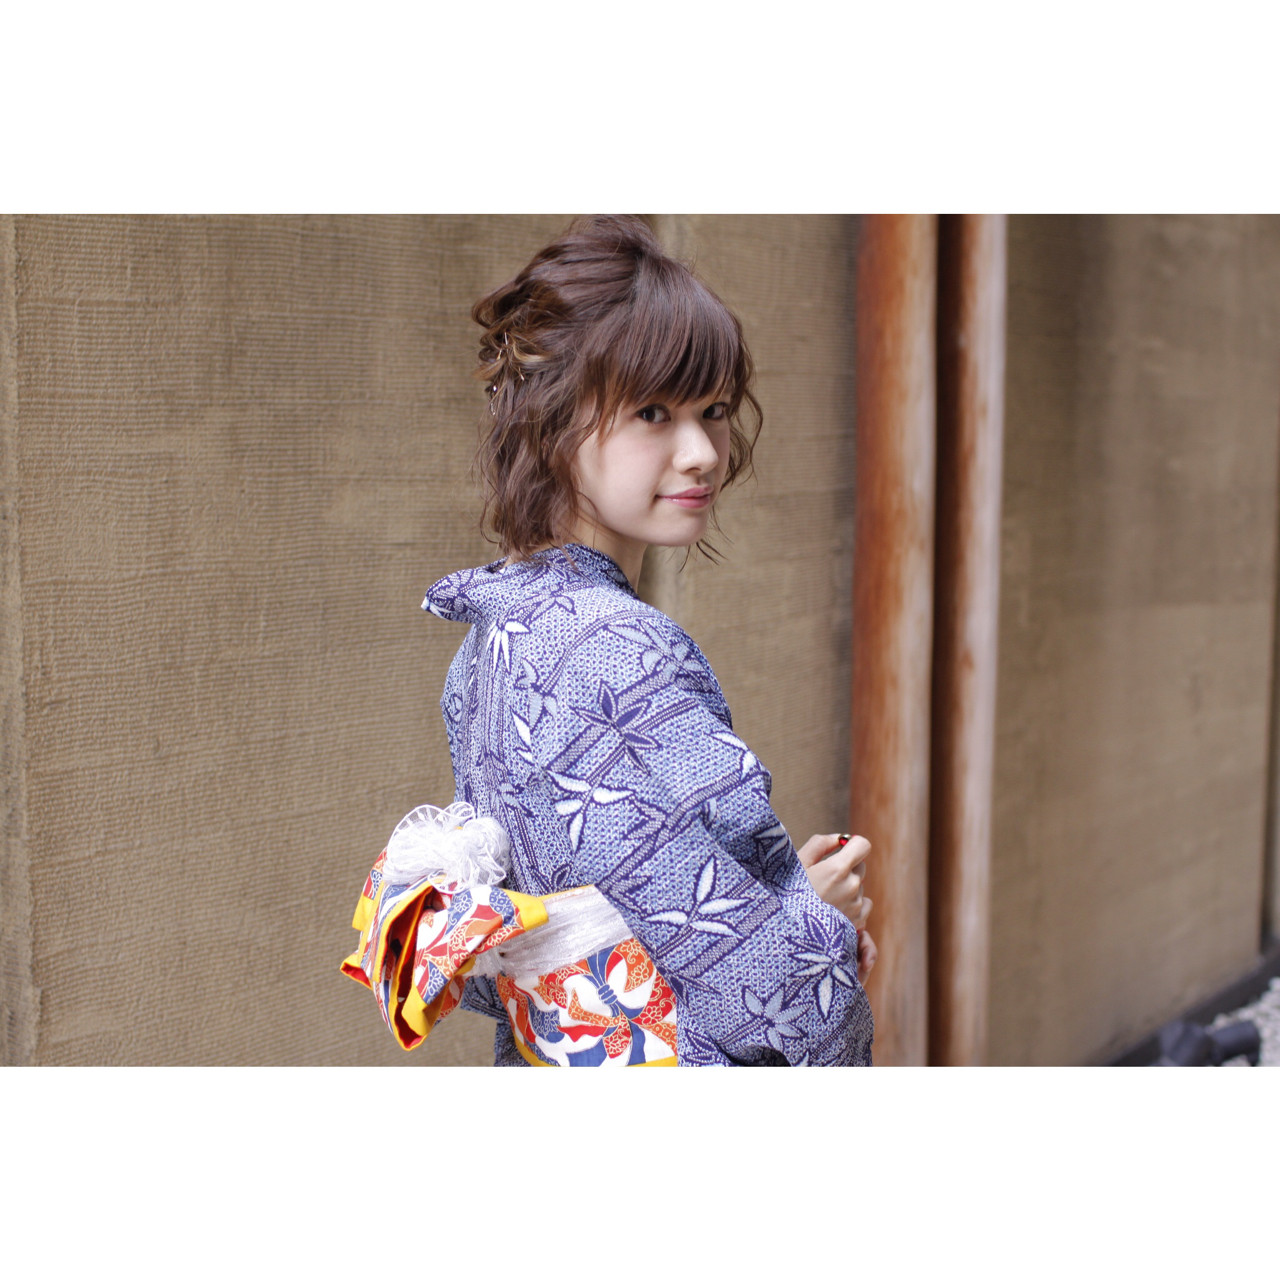 花火大会 ピュア 夏 透明感 ヘアスタイルや髪型の写真・画像